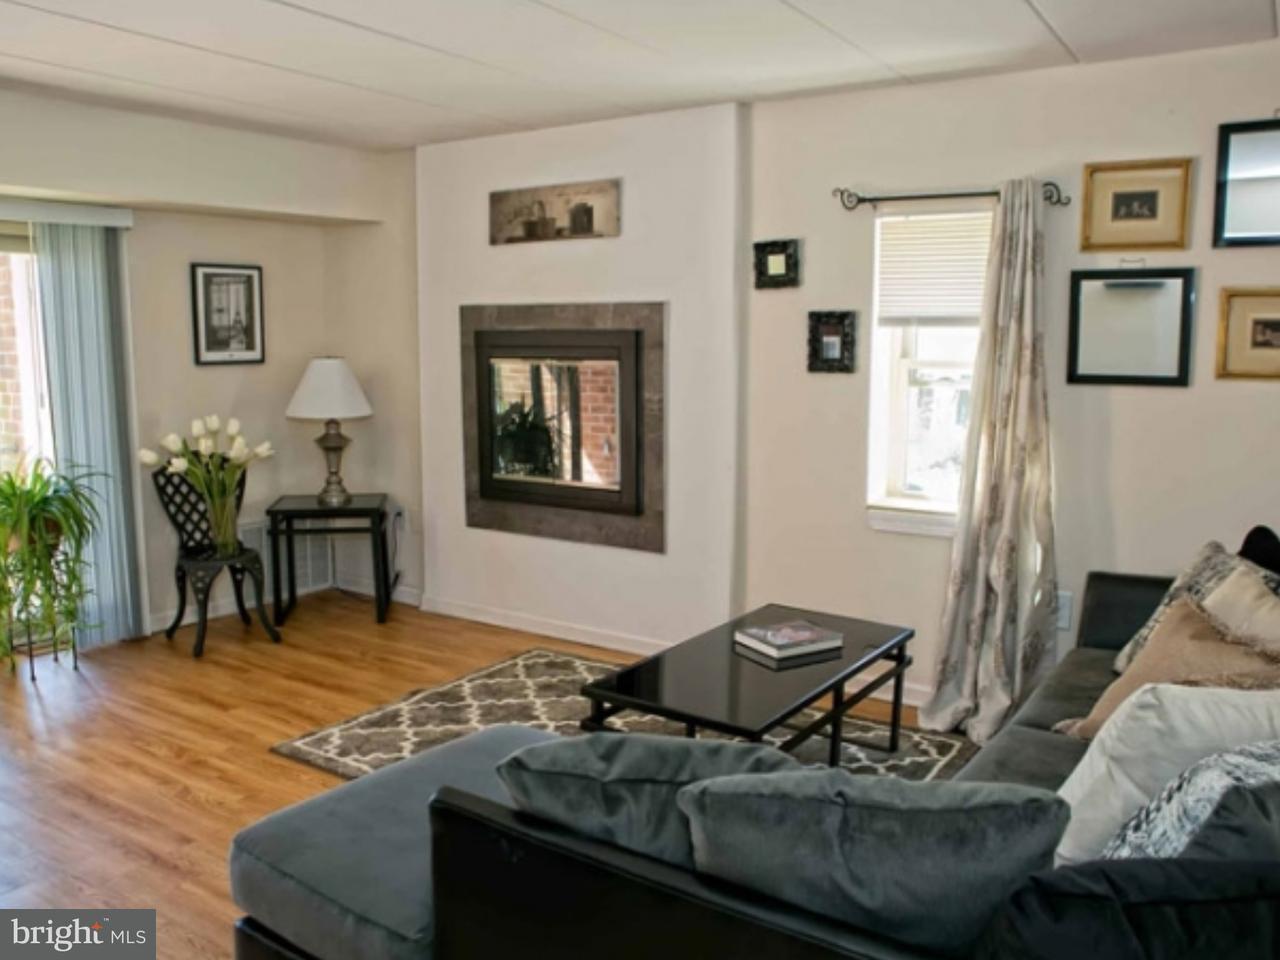 Частный односемейный дом для того Аренда на 274 GLEN RIDDLE RD #B302 Media, Пенсильвания 19063 Соединенные Штаты